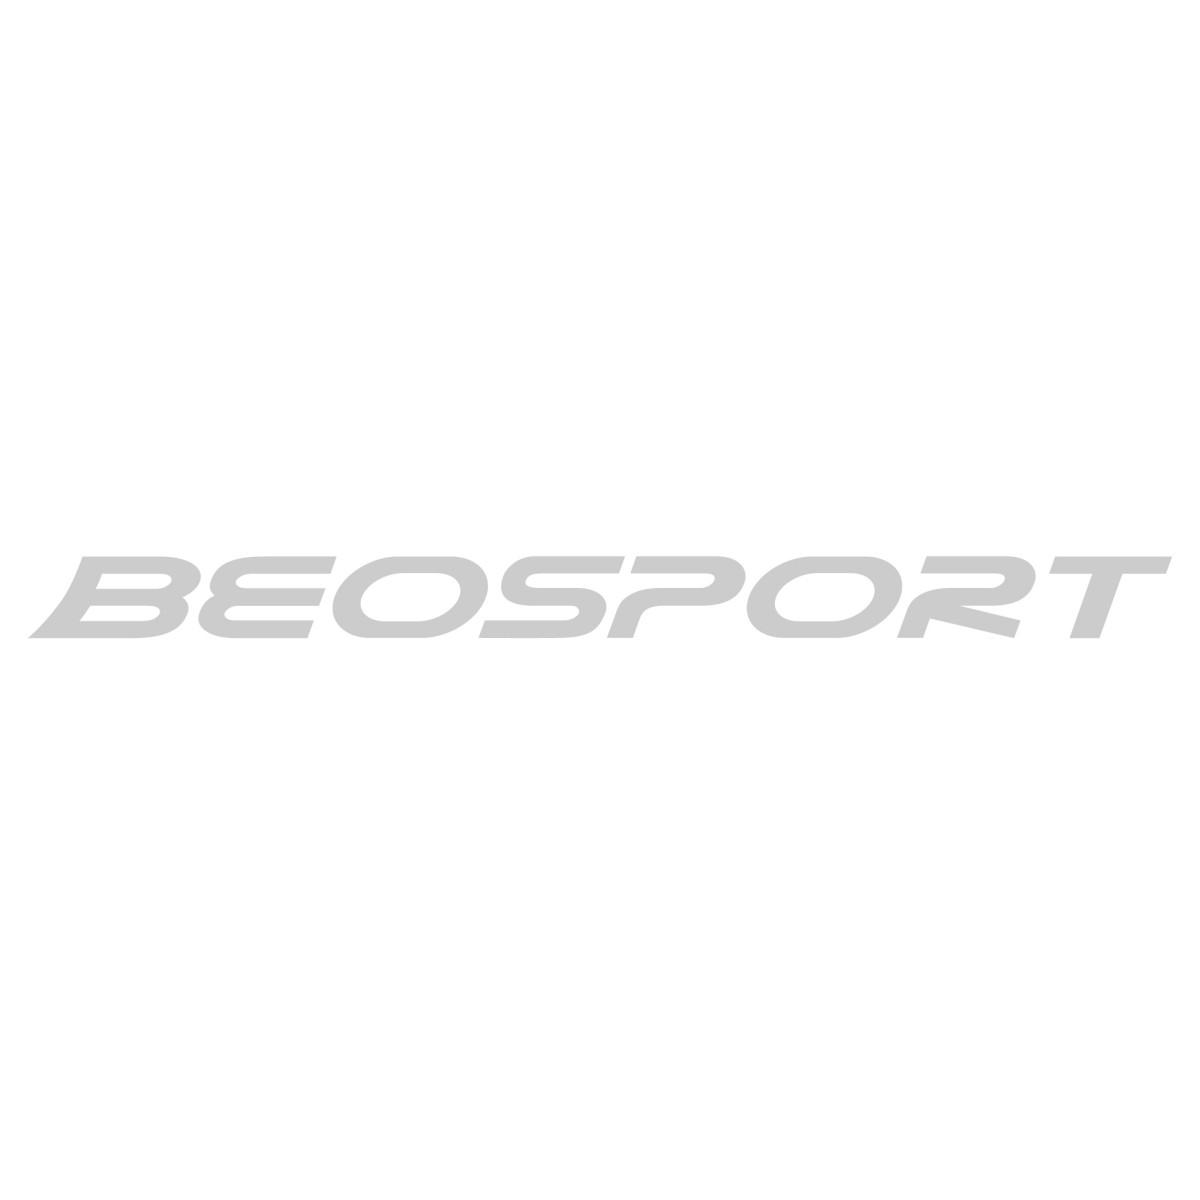 Wilson Lux-Adrenaline 1.30mm/200m žica za teniske rekete